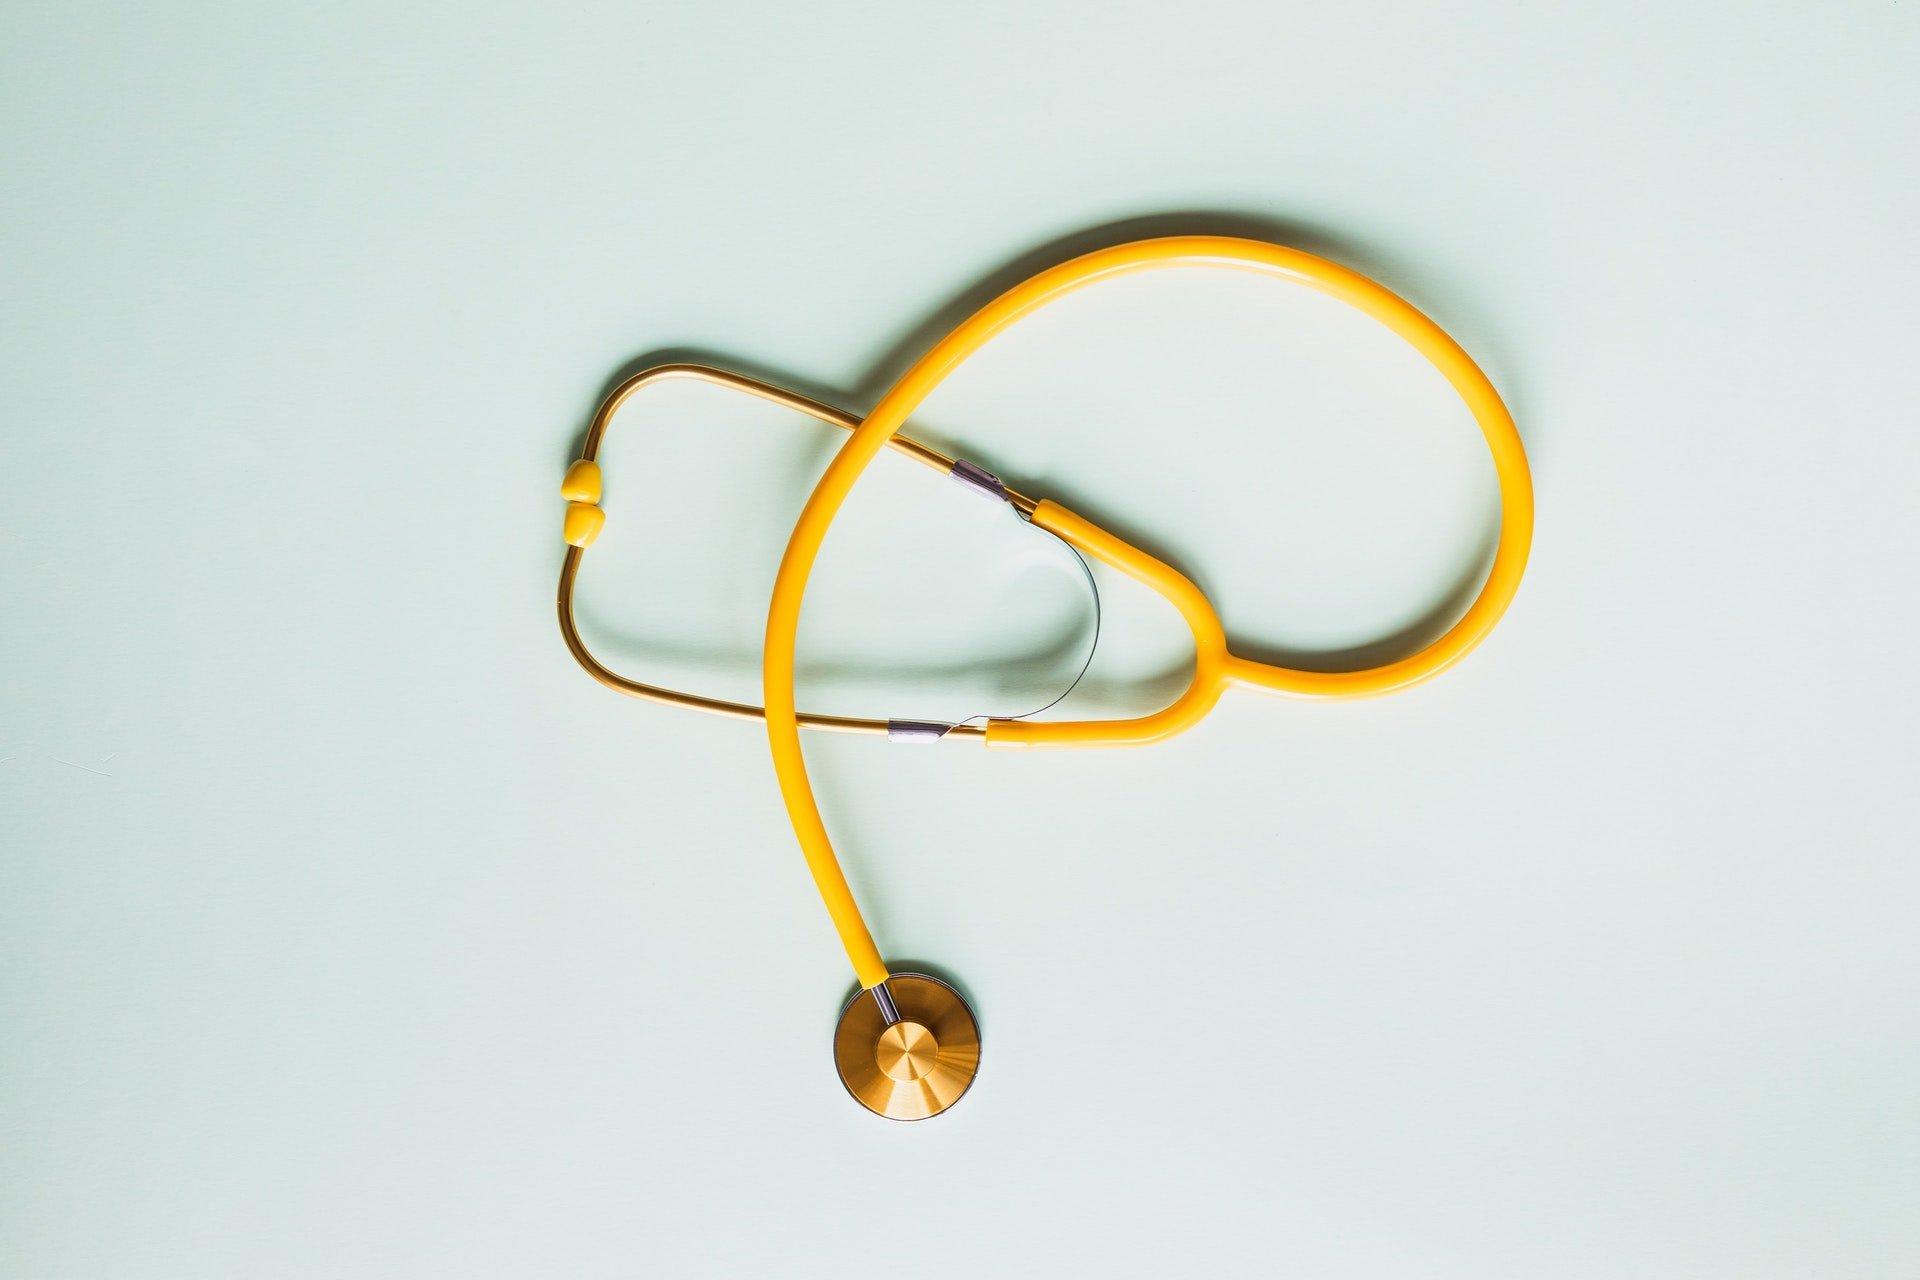 El reembolso de gastos médicos